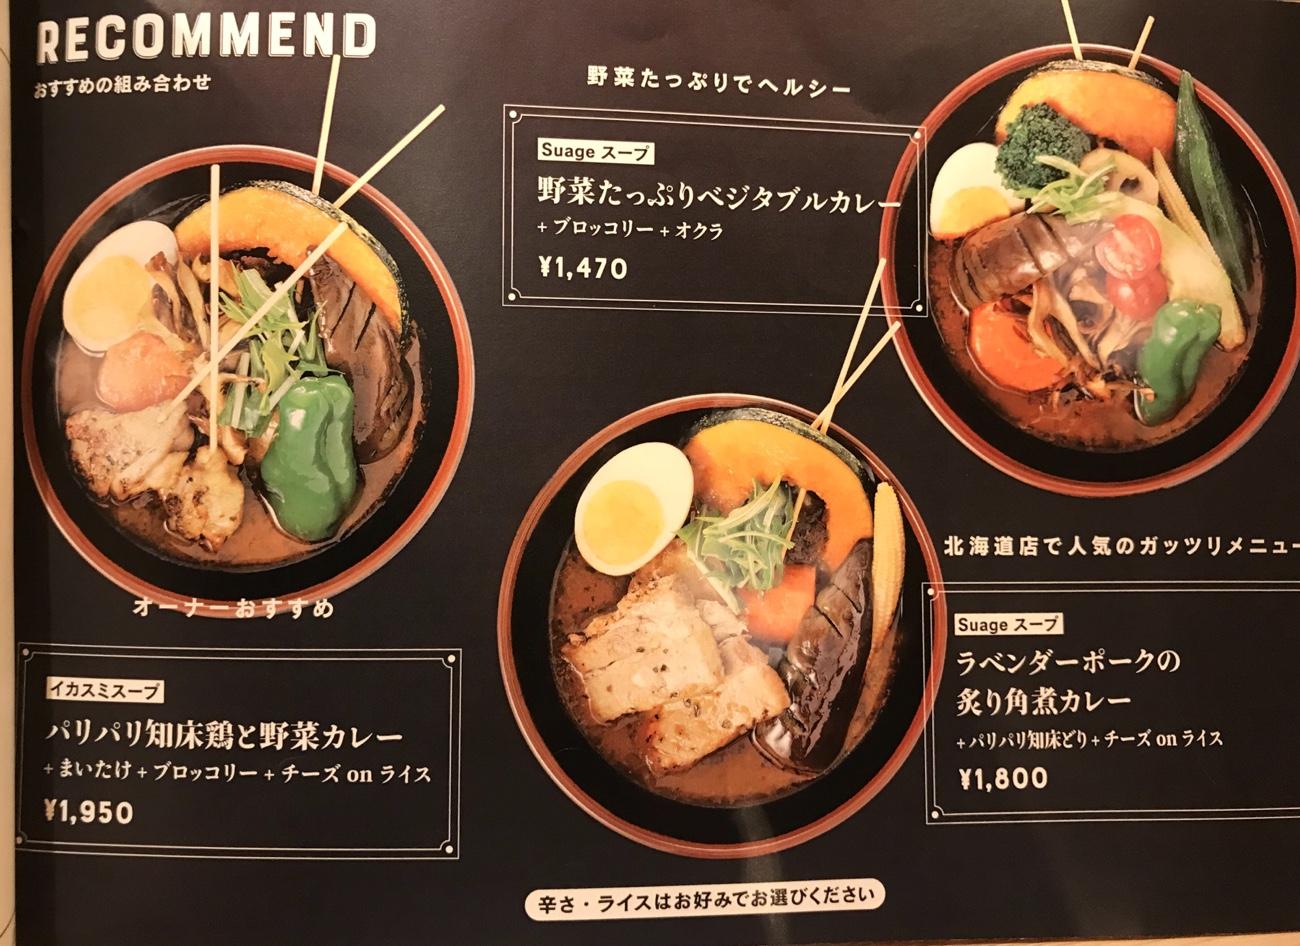 北海道スープカレーSuage(すあげ)渋谷店 おすすめメニュー